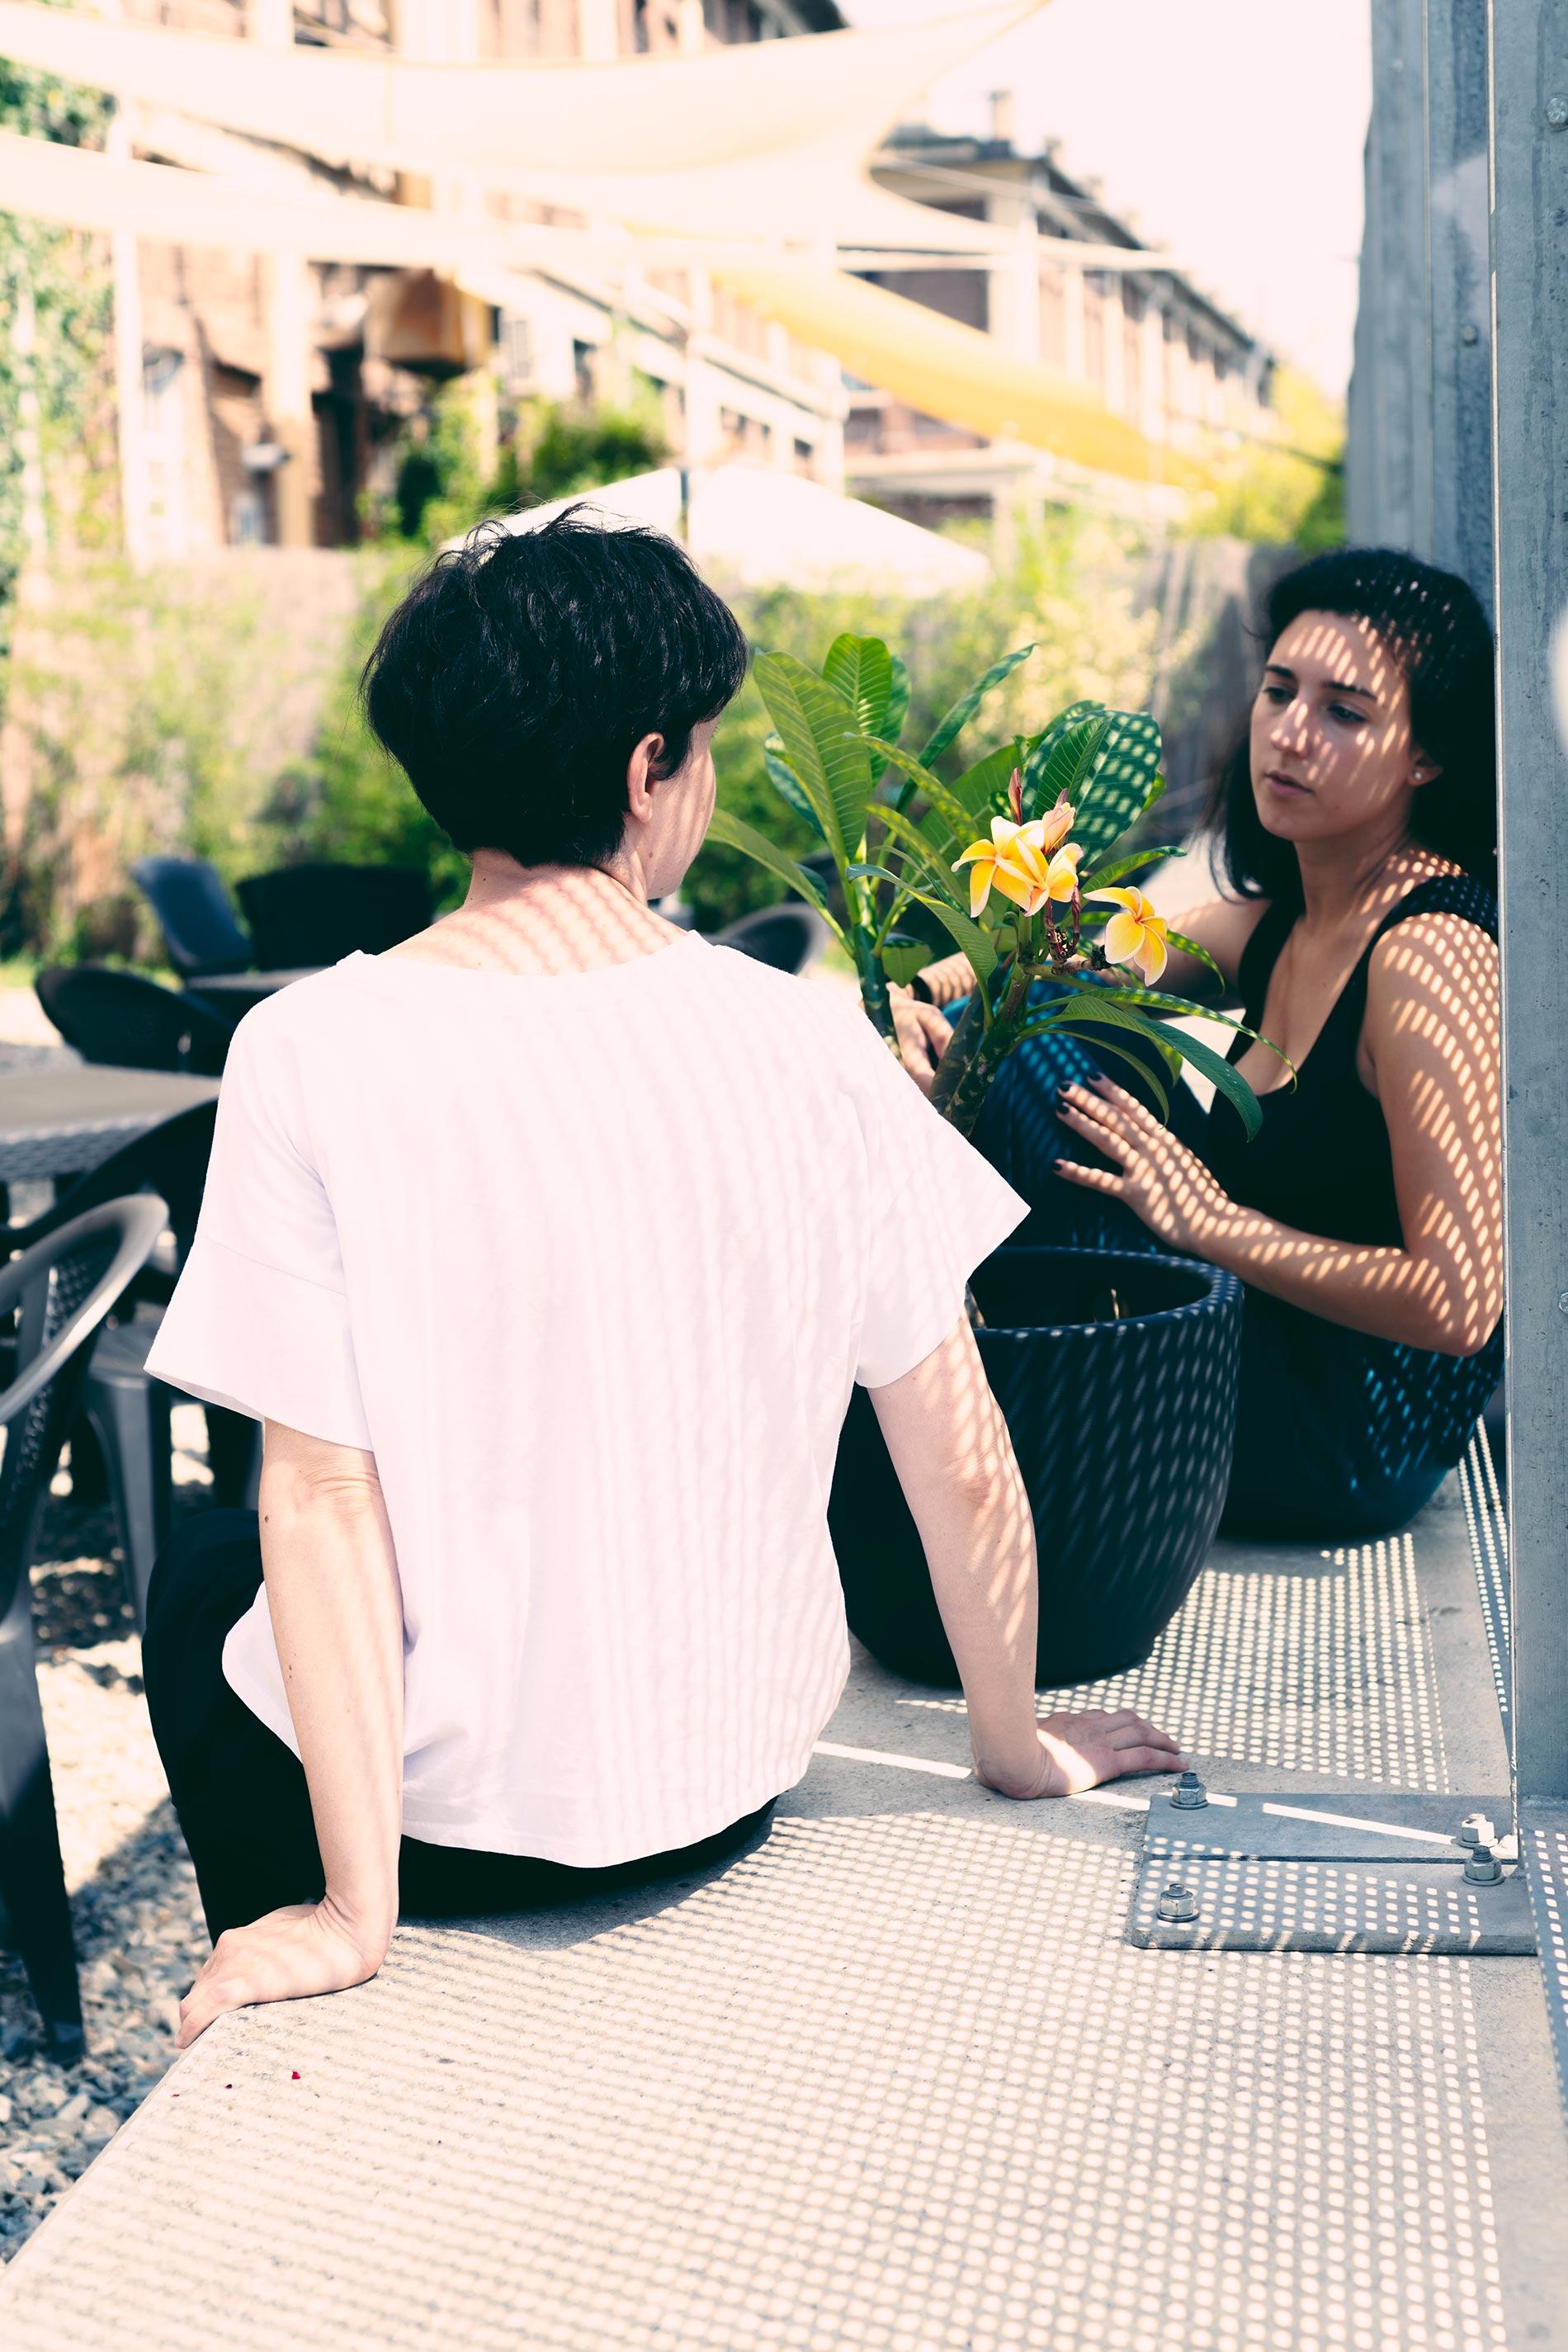 chiacchiere e piante